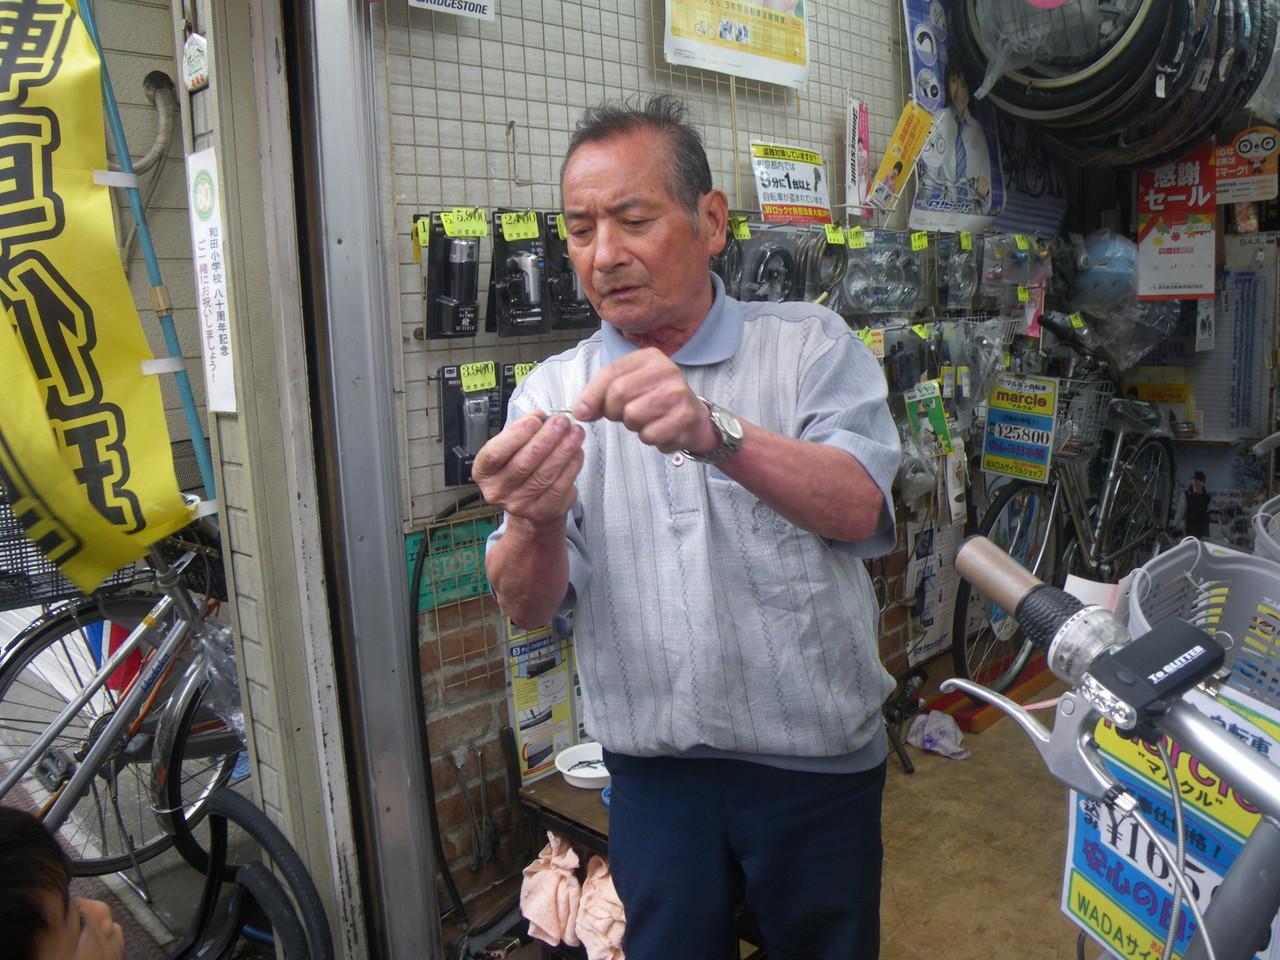 WADAサイクル 「自転車の修理方法だって教えるよ」と丁寧に修理を教えてくださる店主さん。とてもまじめで一生懸命な姿勢が信頼できる!